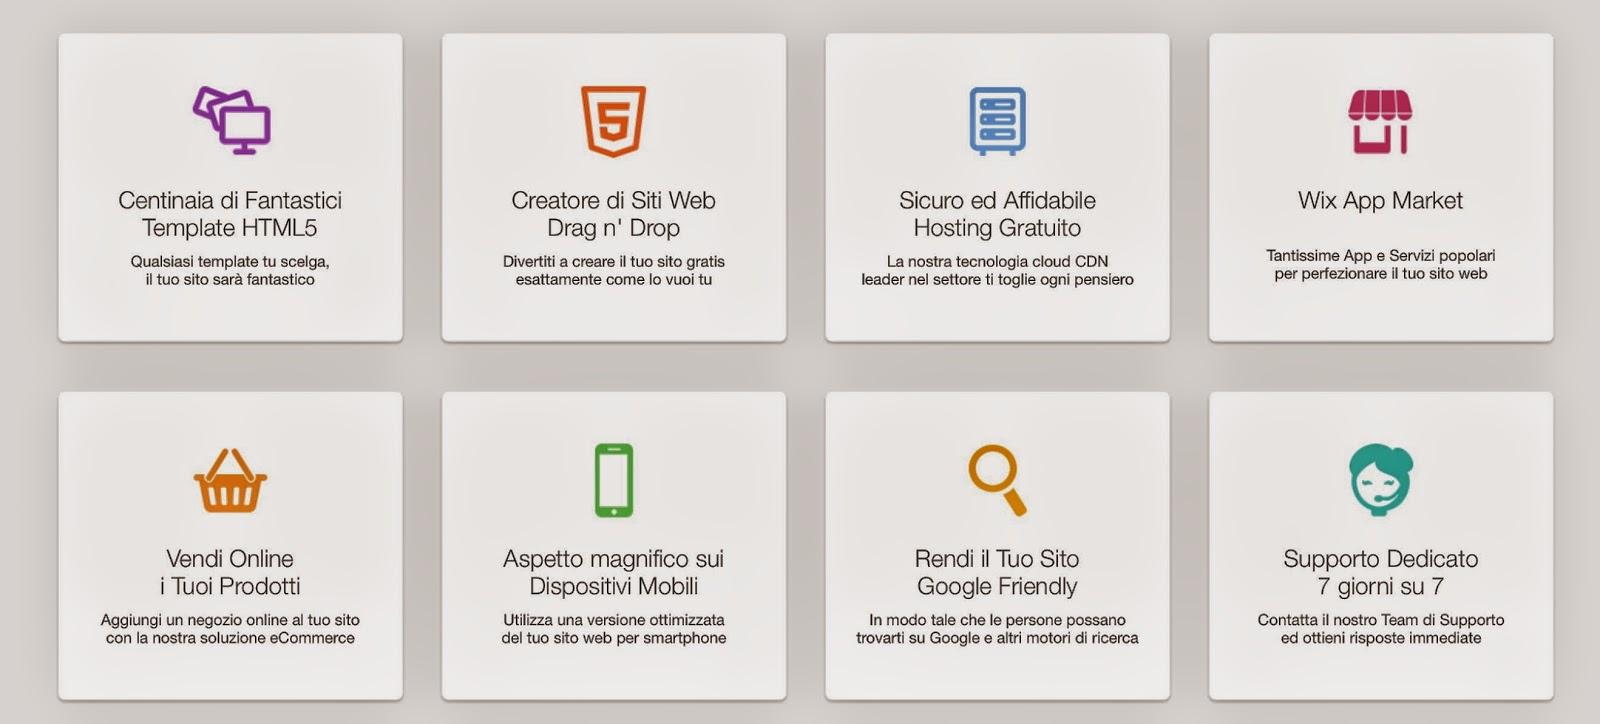 wix-caratteristiche